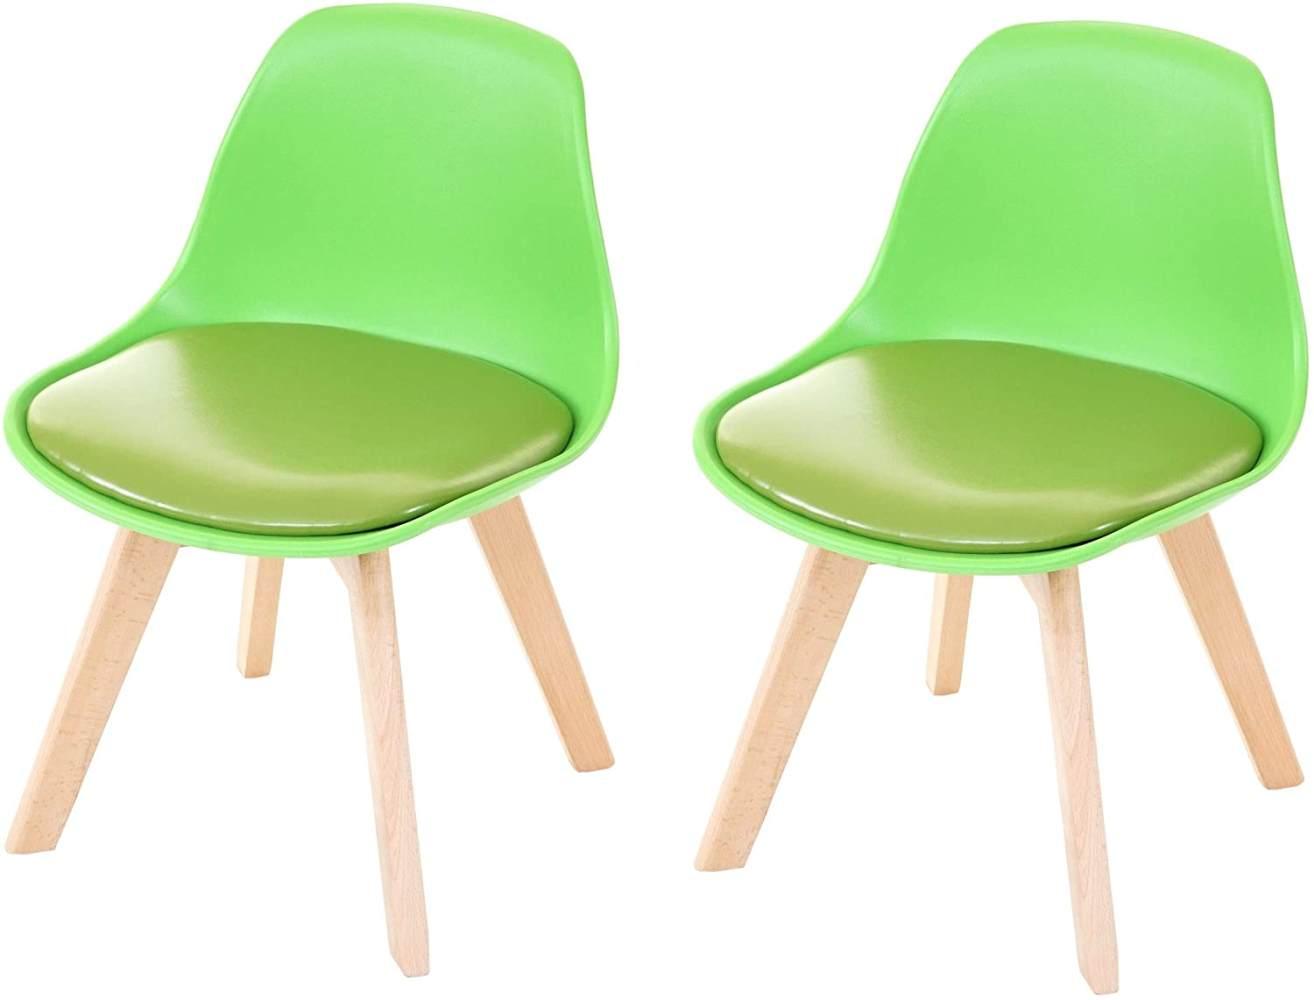 Mendler 2-er Set Kinderstuhl Kunstleder, grün Bild 1